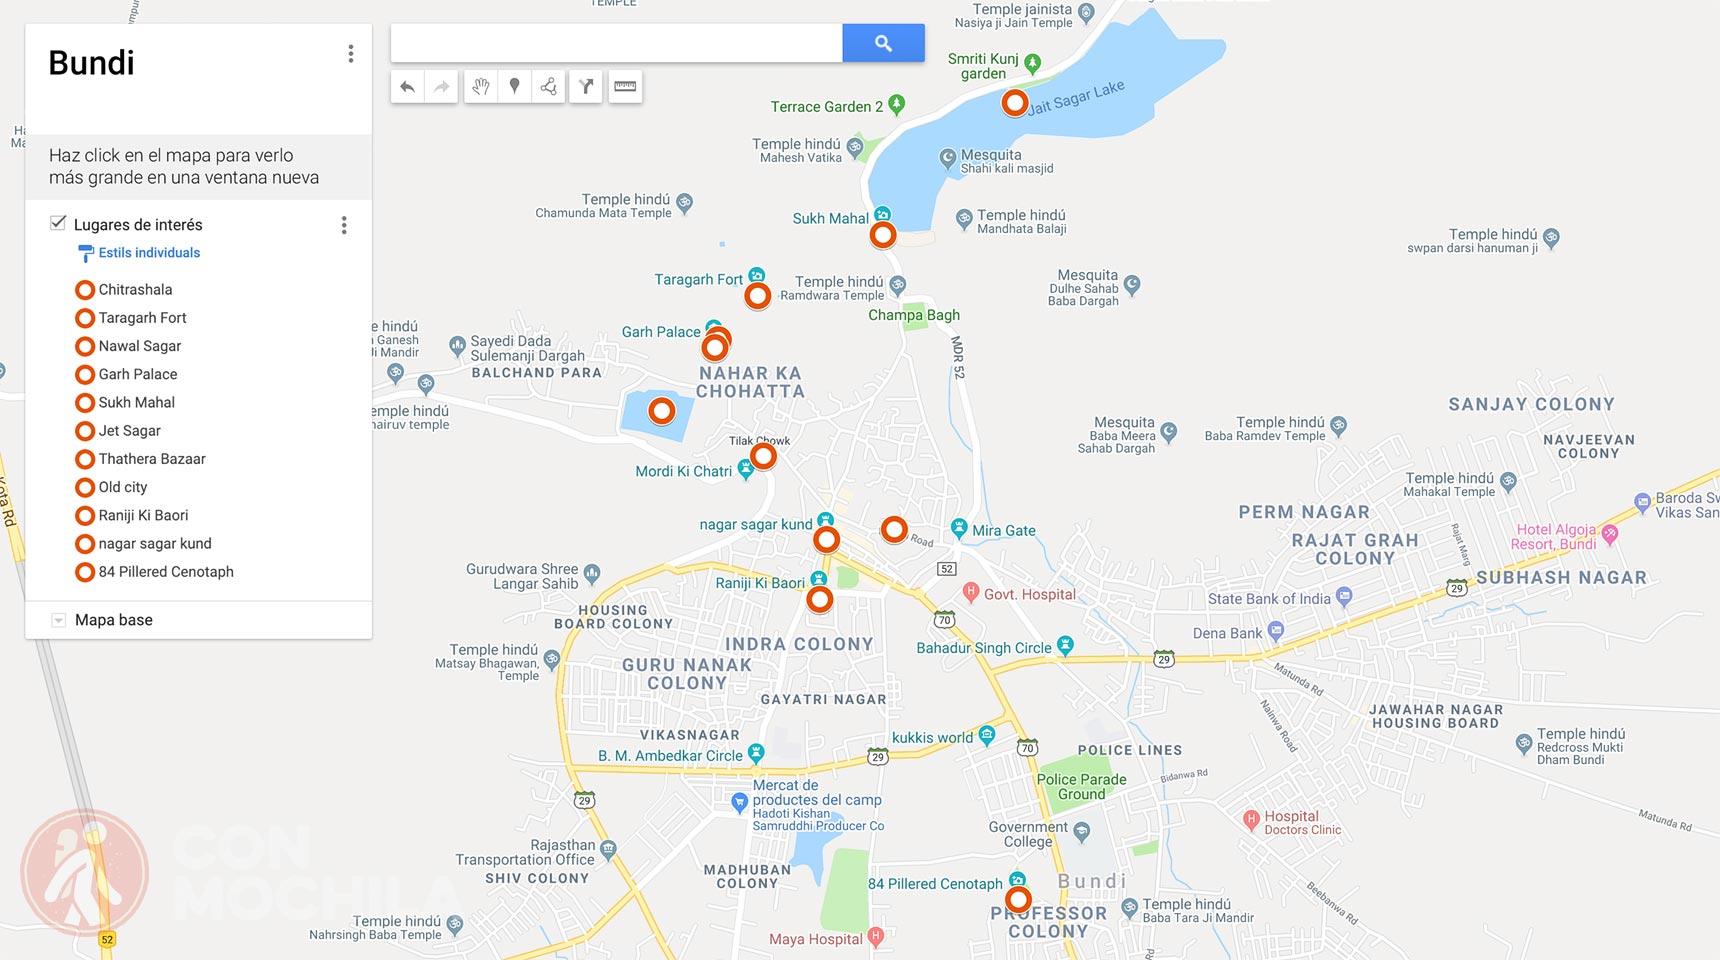 Mapa de Bundi con lugares de interés